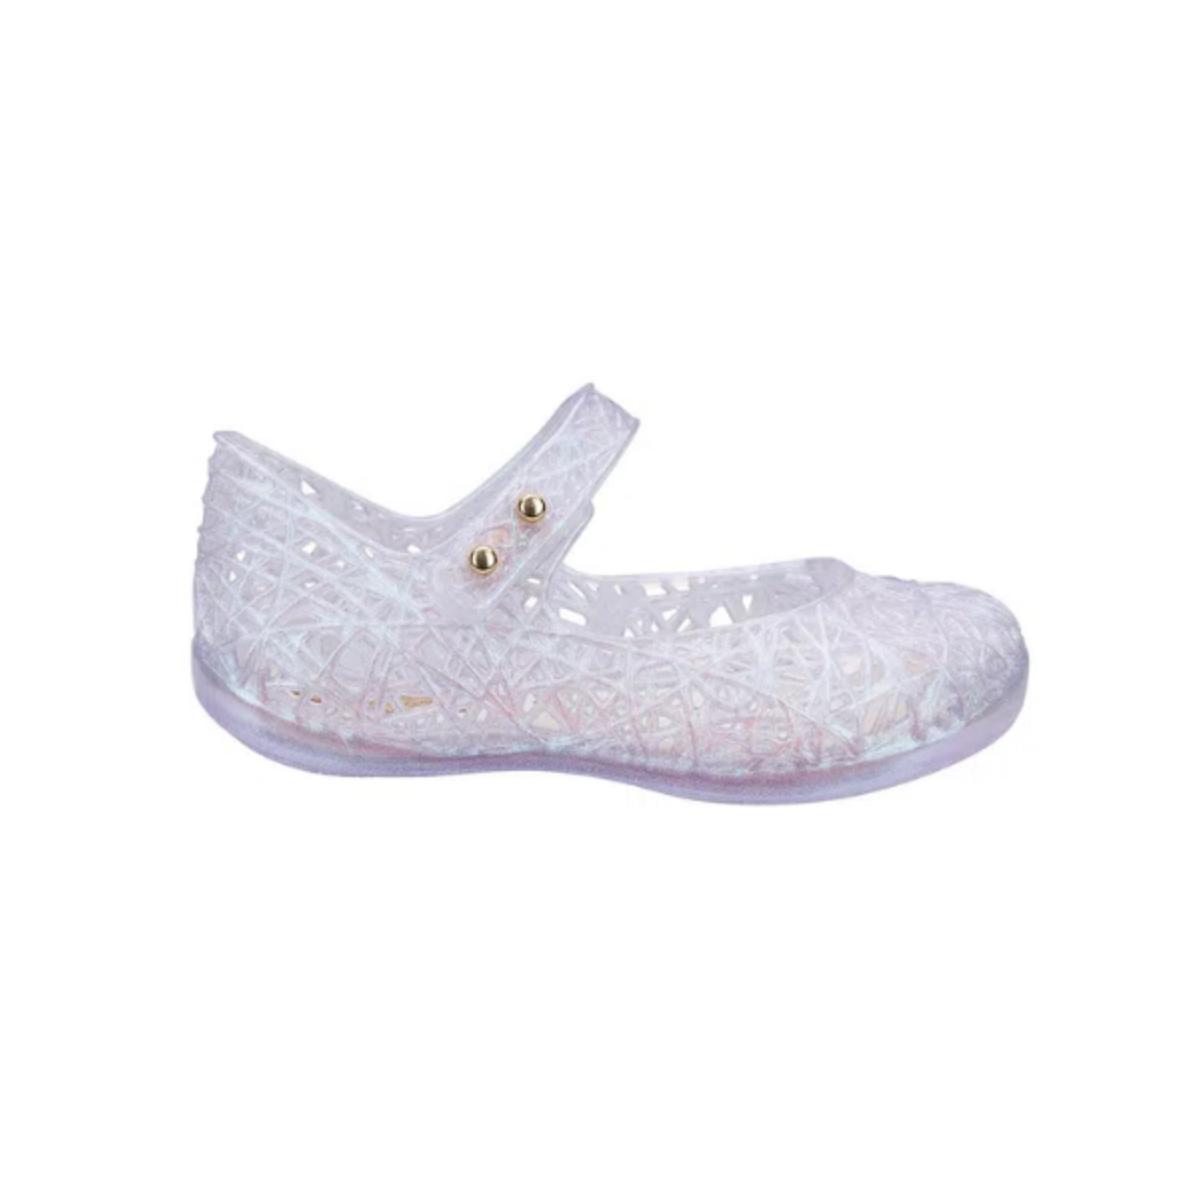 Sapatilha Fem Infantil Melissa 31510 03832 Mini Campana Branco Vidro